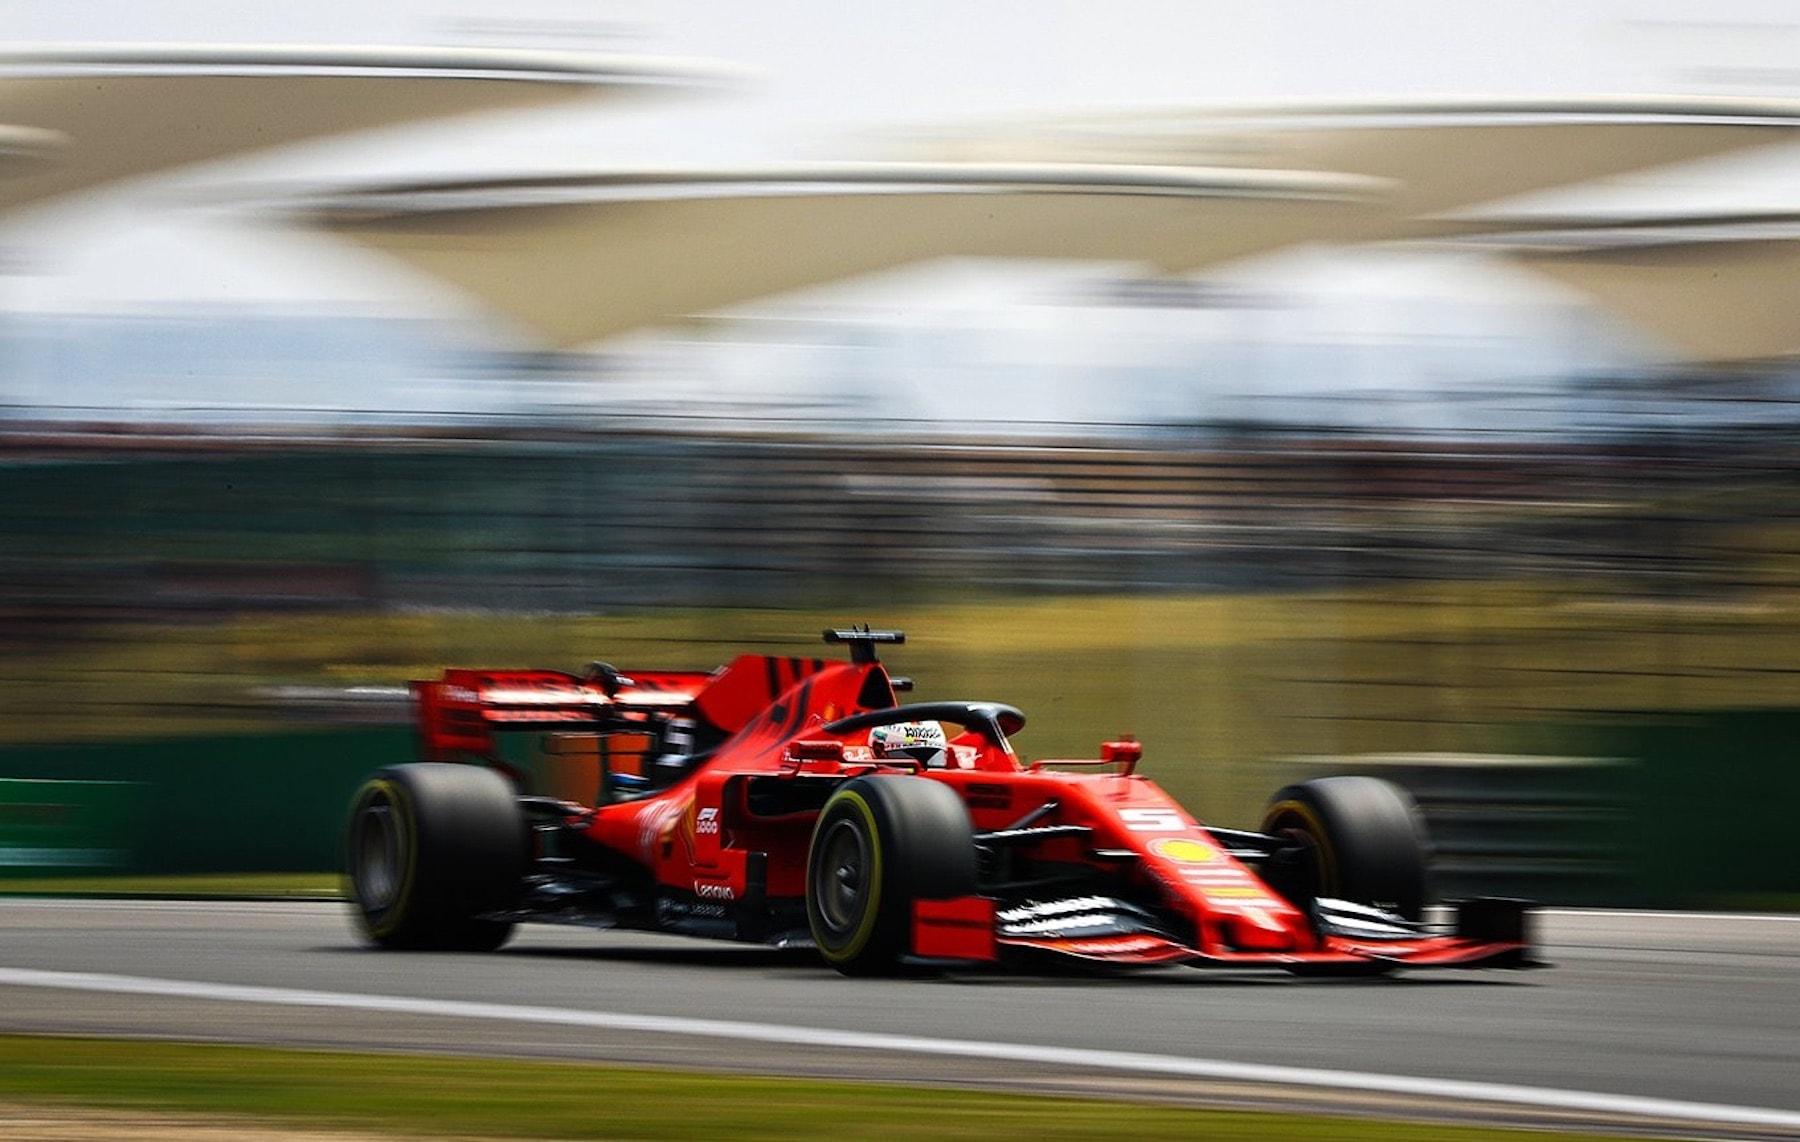 1 2019 Sebastian Vettel | Ferrari SF90 | 2019 Chinese GP FP1 1A SMALL copy.jpg